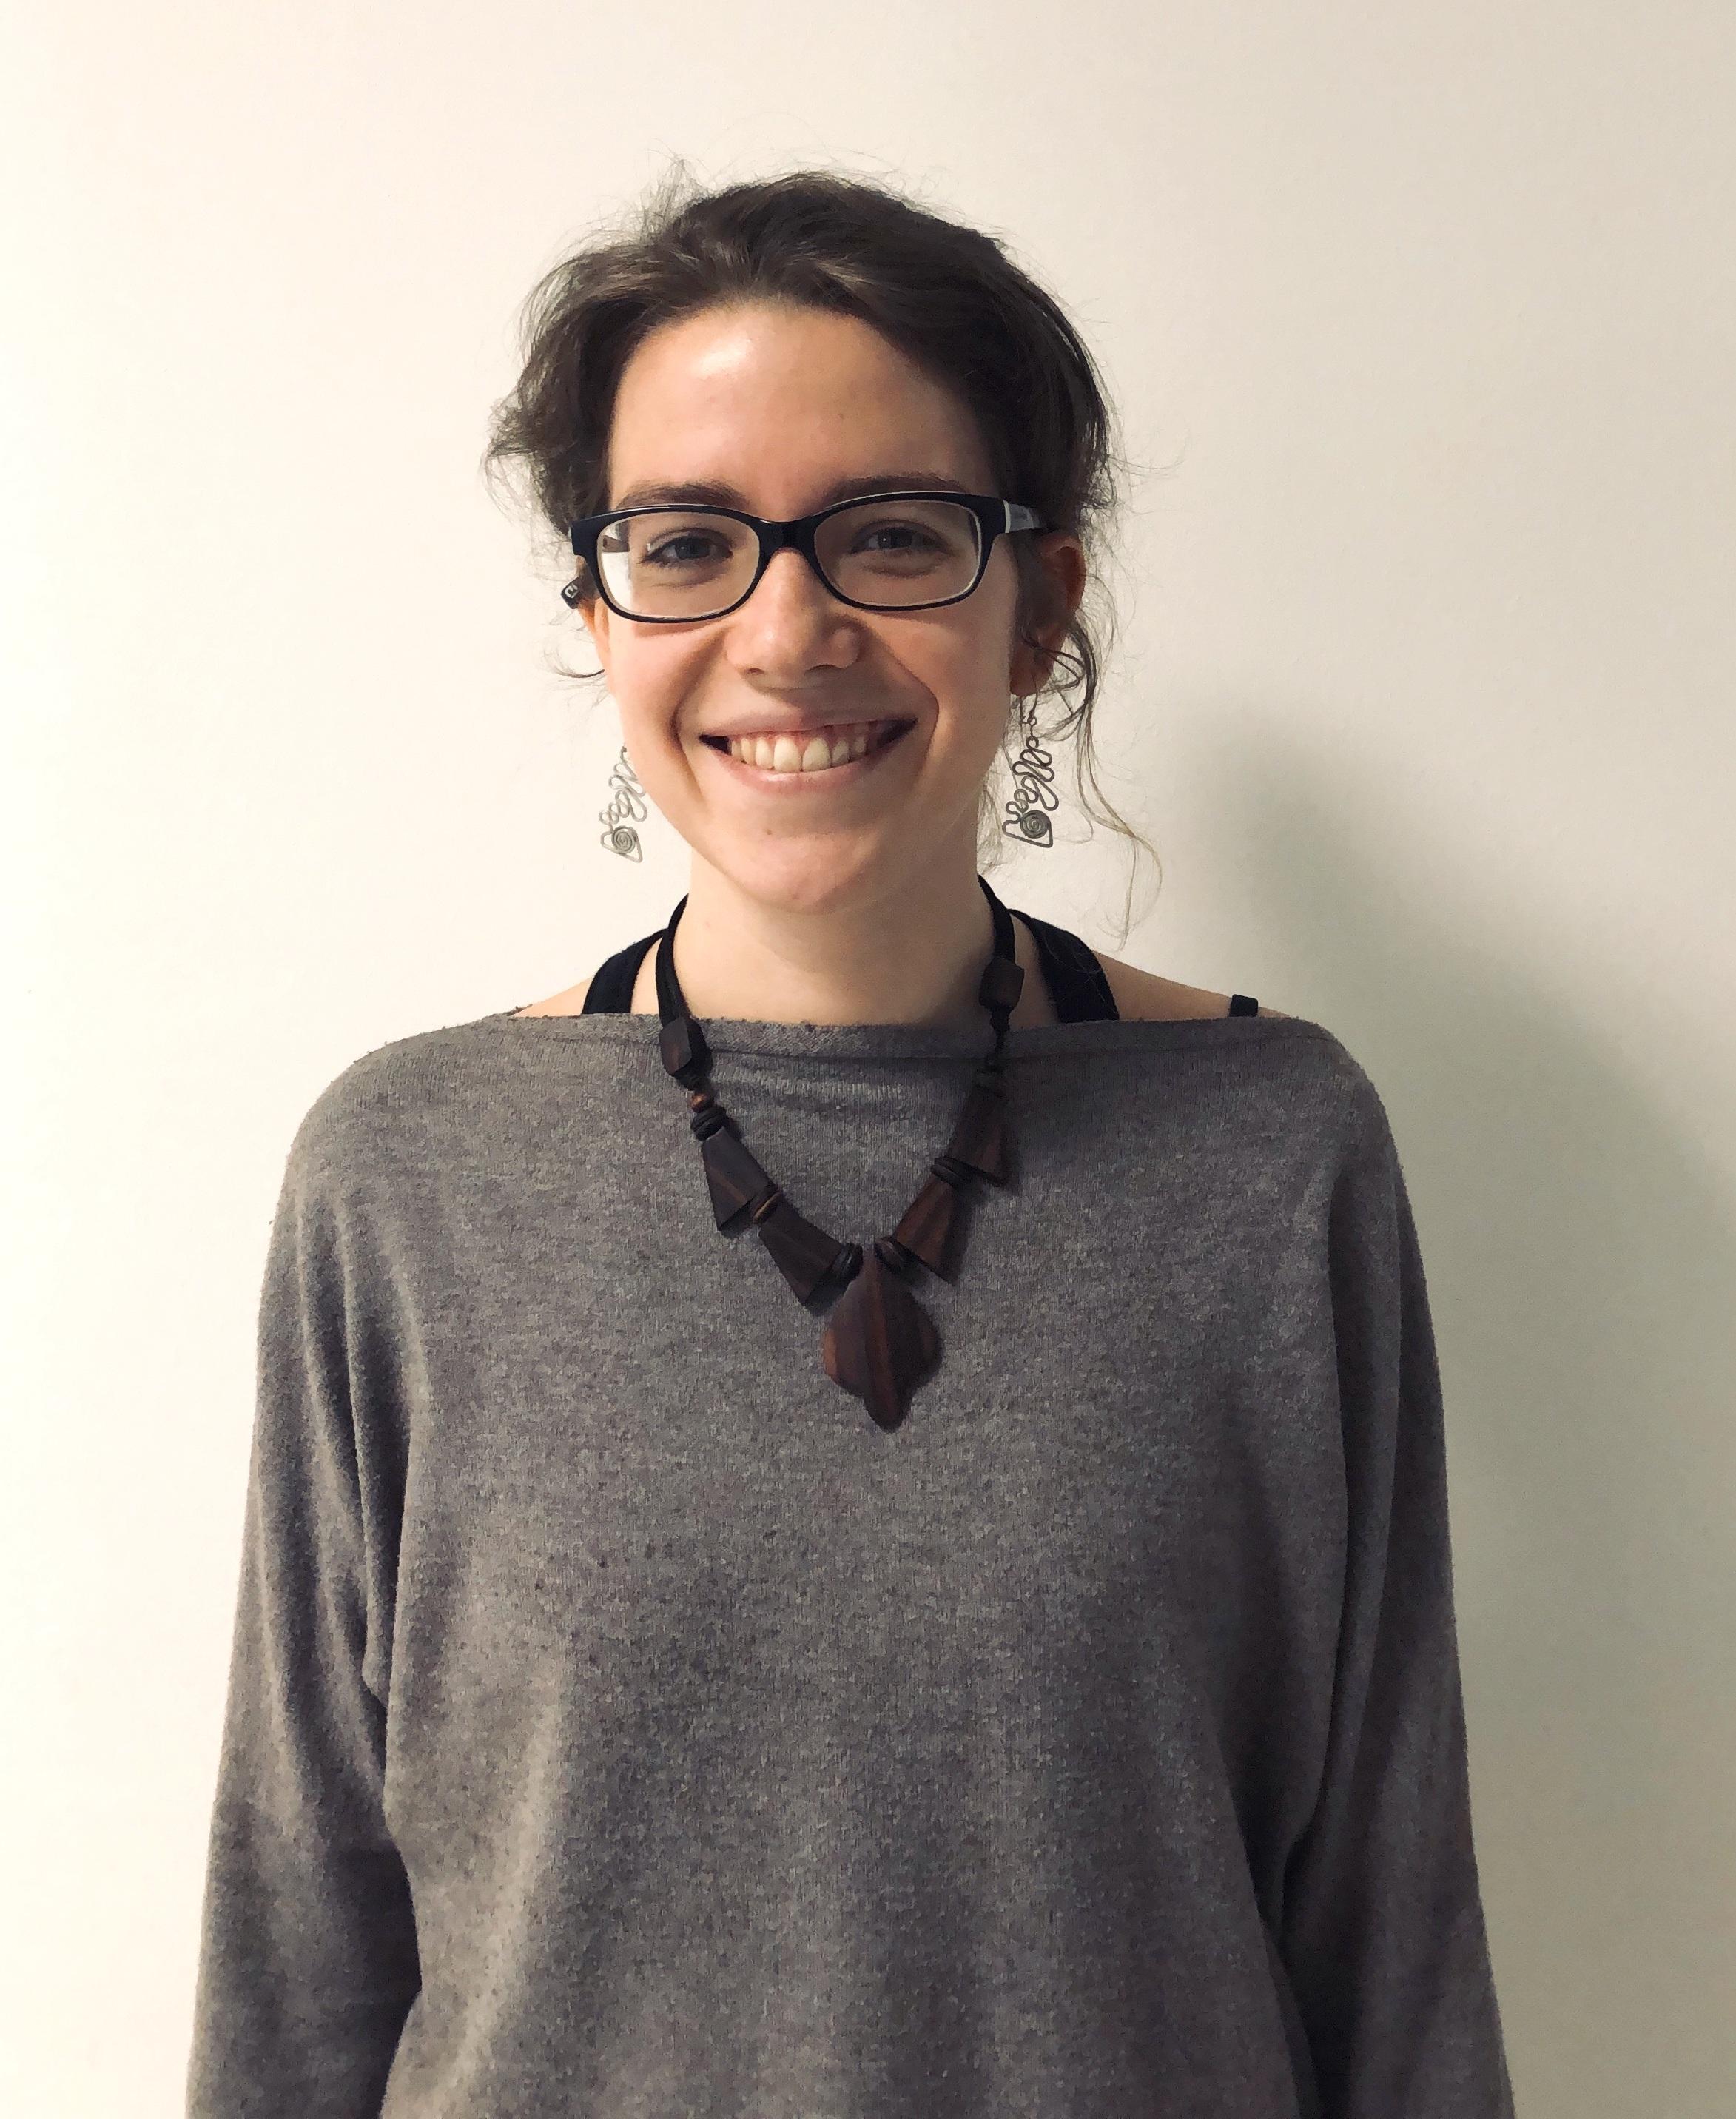 Giulia Resi